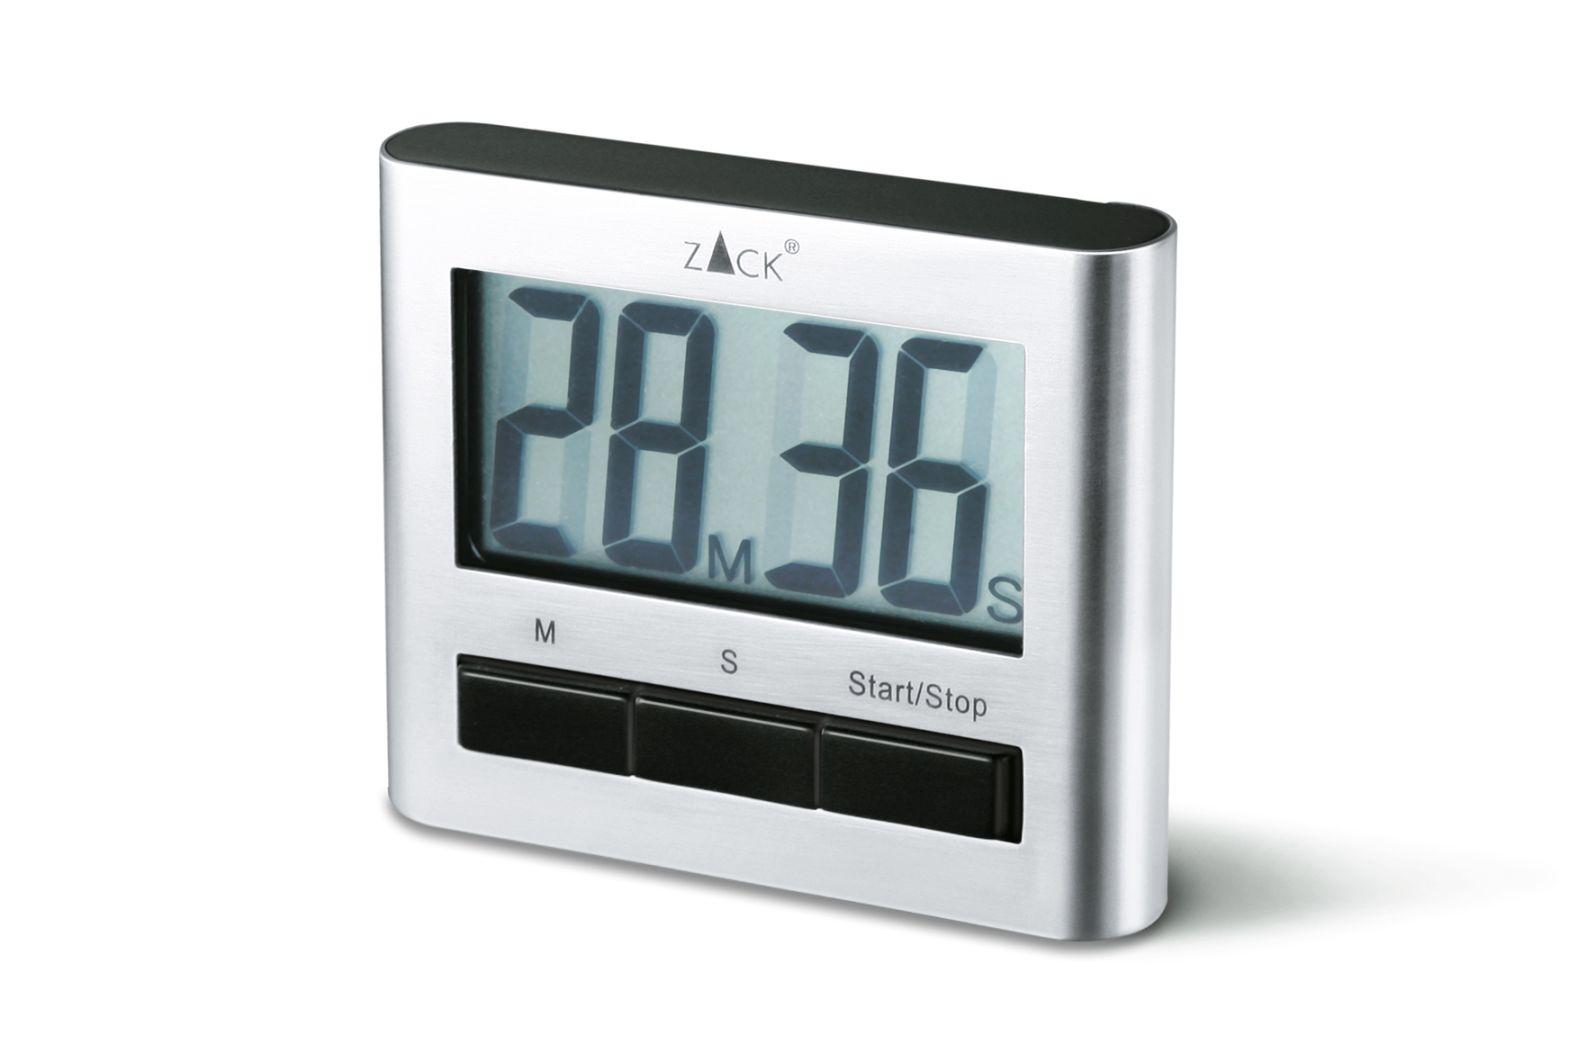 Kuchyňská minutka SAVIO, digitální - ZACK